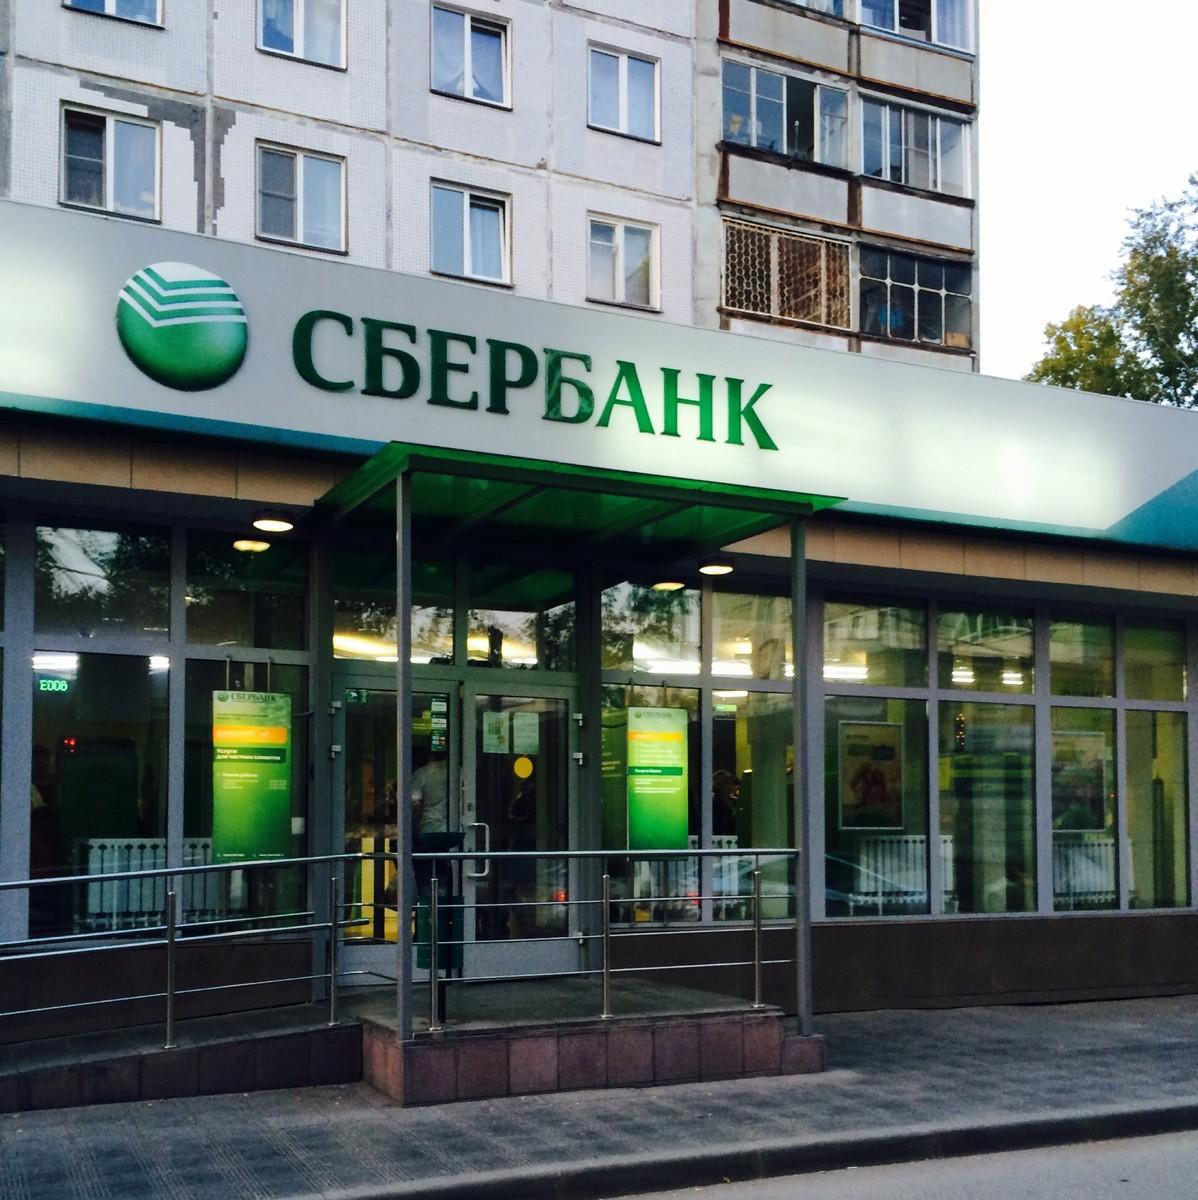 Взять кредит пенсионеру в Сбербанке